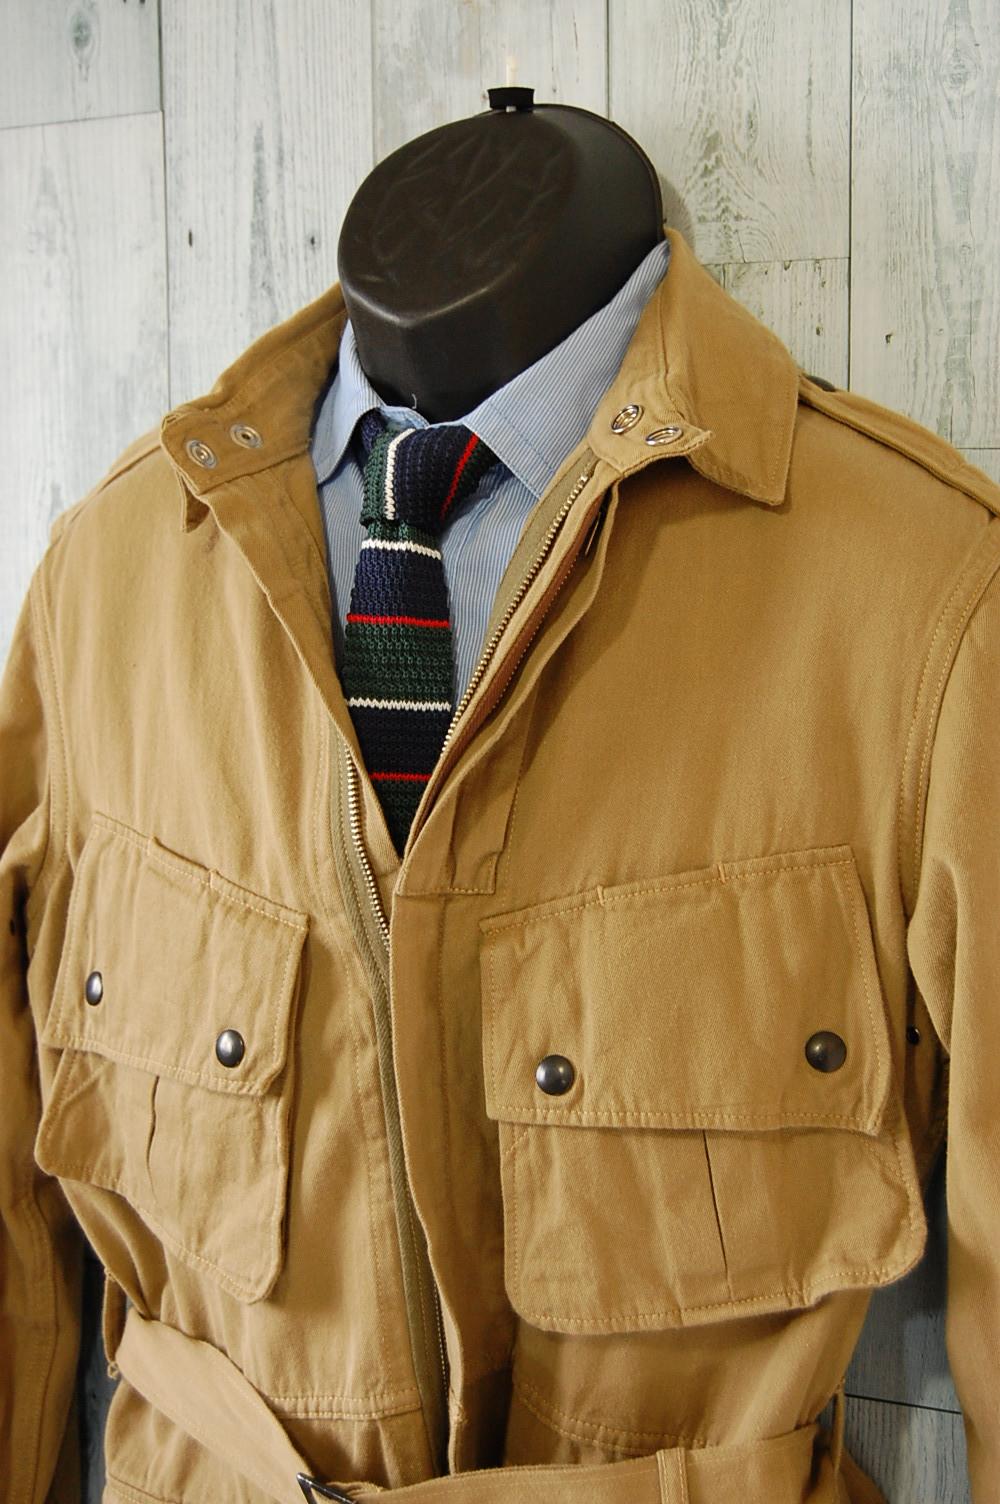 スーツの上に羽織ってもかっこよく決まる大人のためのミリタリージャケット